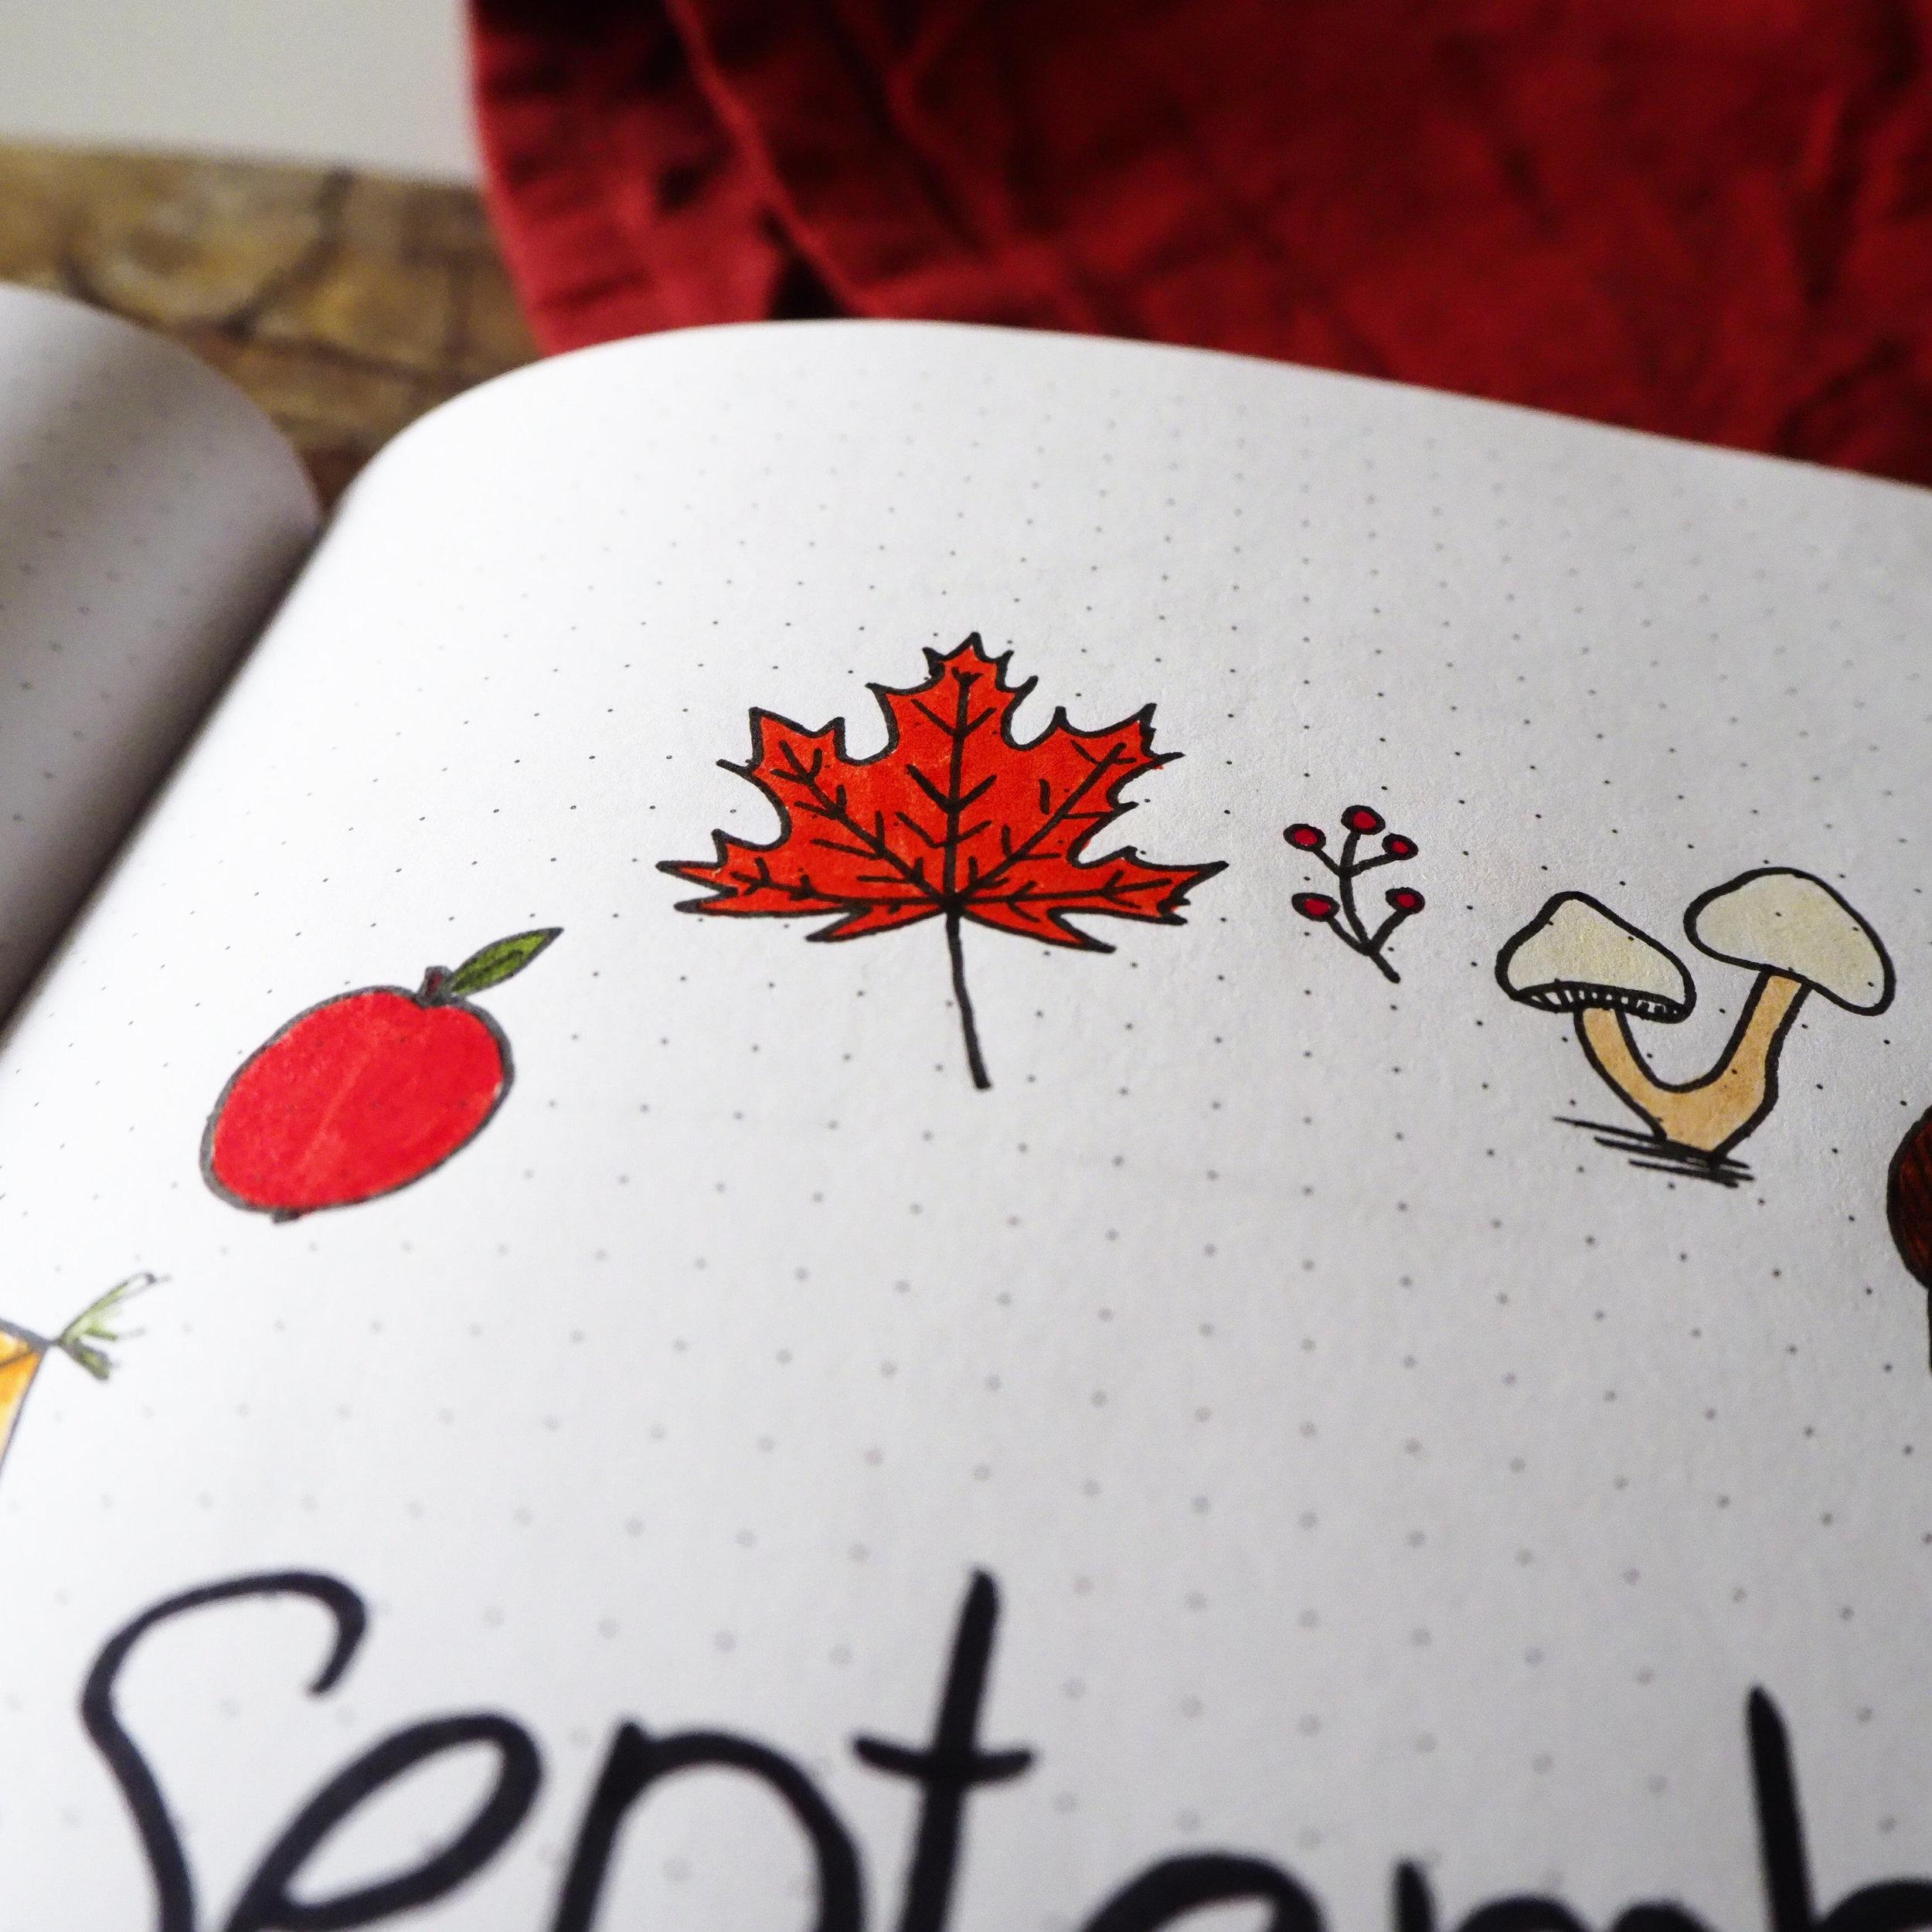 09_september5.jpg